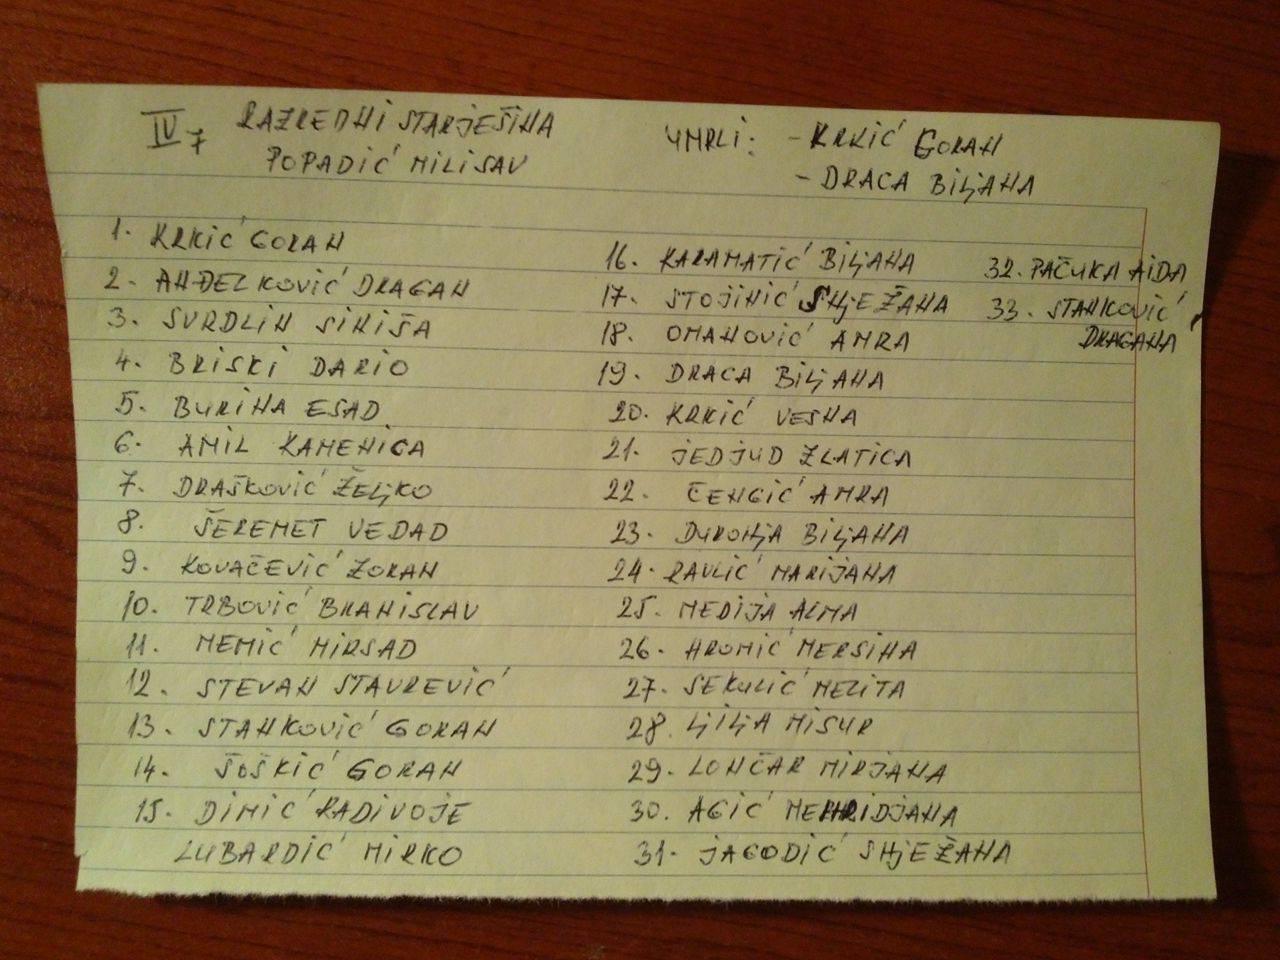 Popis učenika razreda IV 7